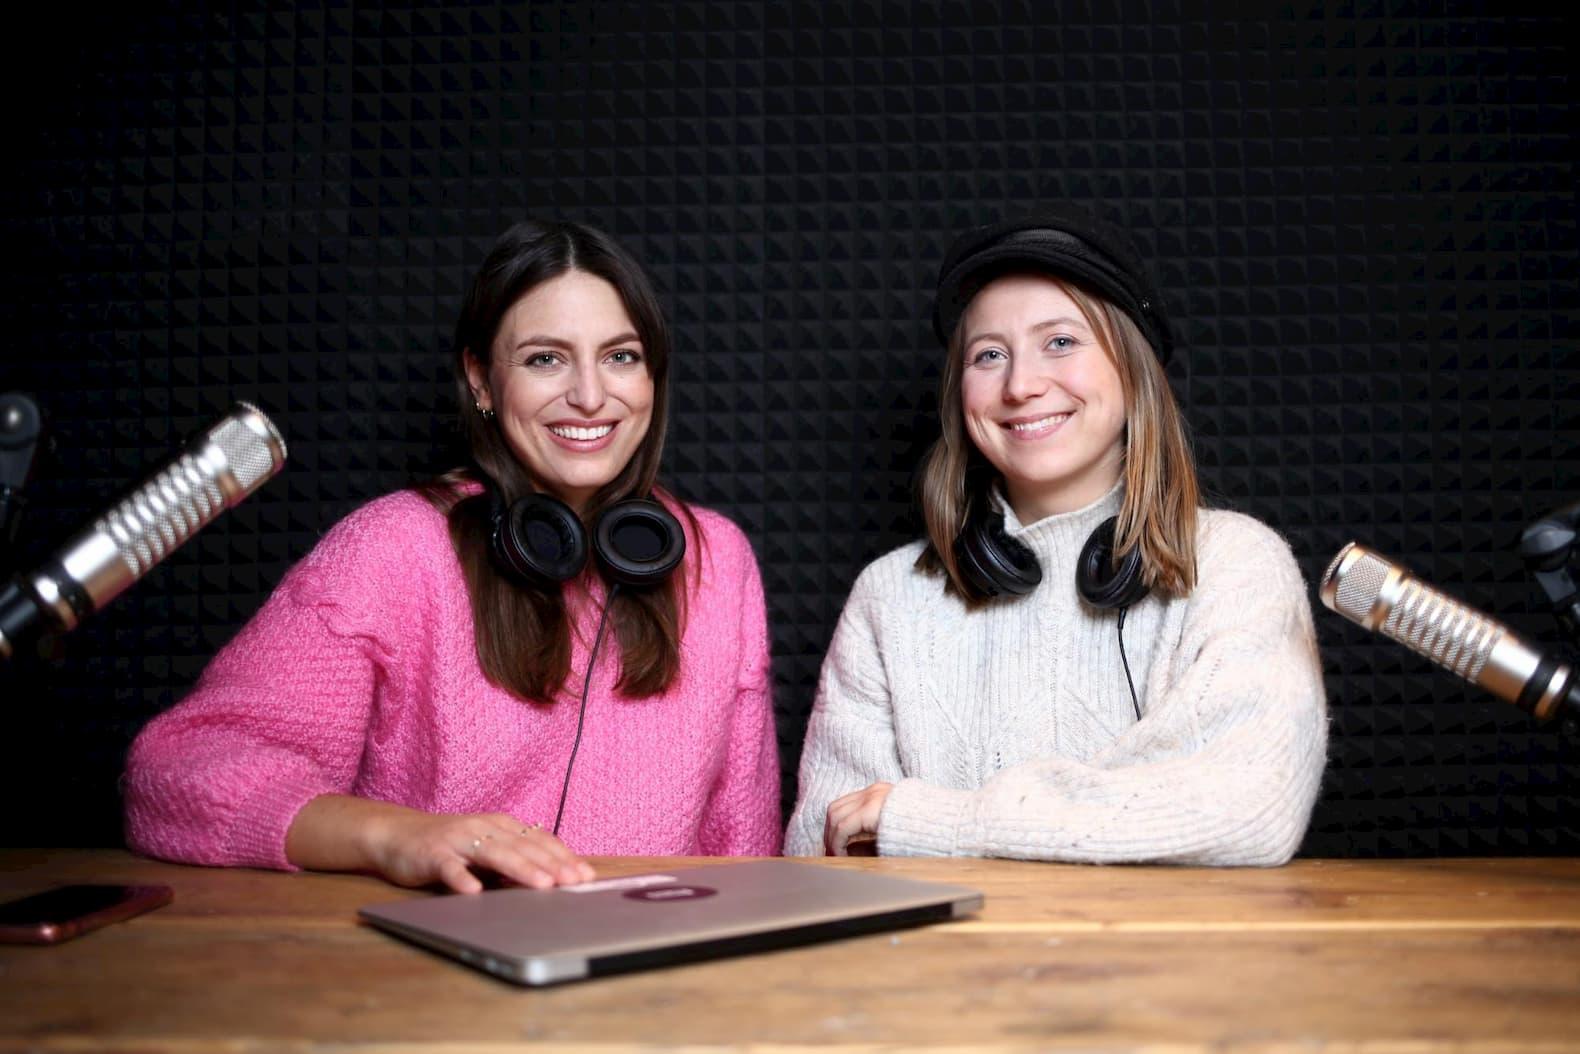 Annamaria Herkt im Podcast-Studio mit Lisa Schmidt